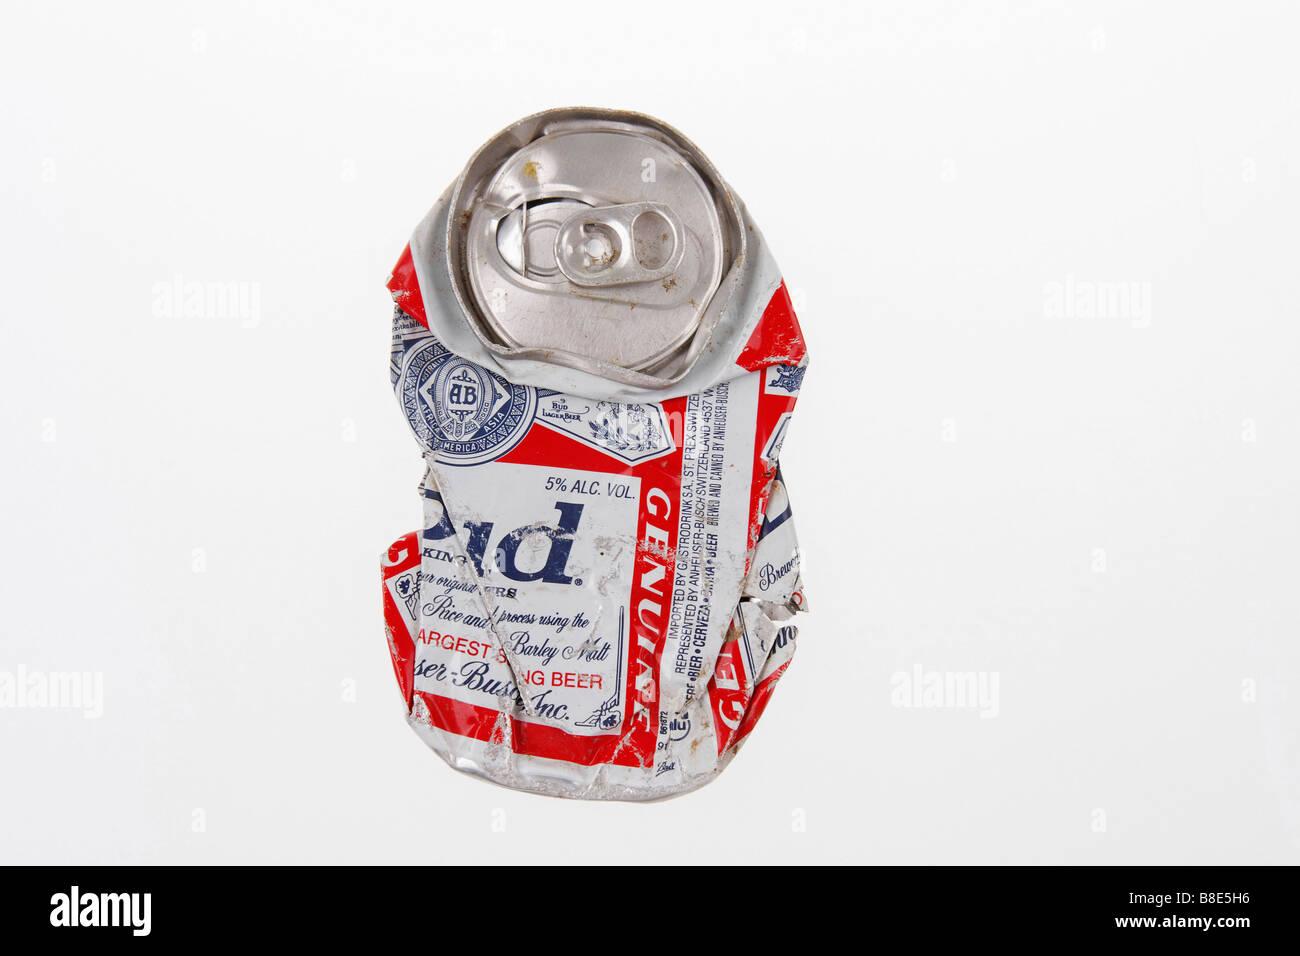 Clip Bild abgeflacht Bier aus Aluminium kann Marke Budweiser Unternehmen Anheuser Busch Usa nur zur redaktionellen Stockbild